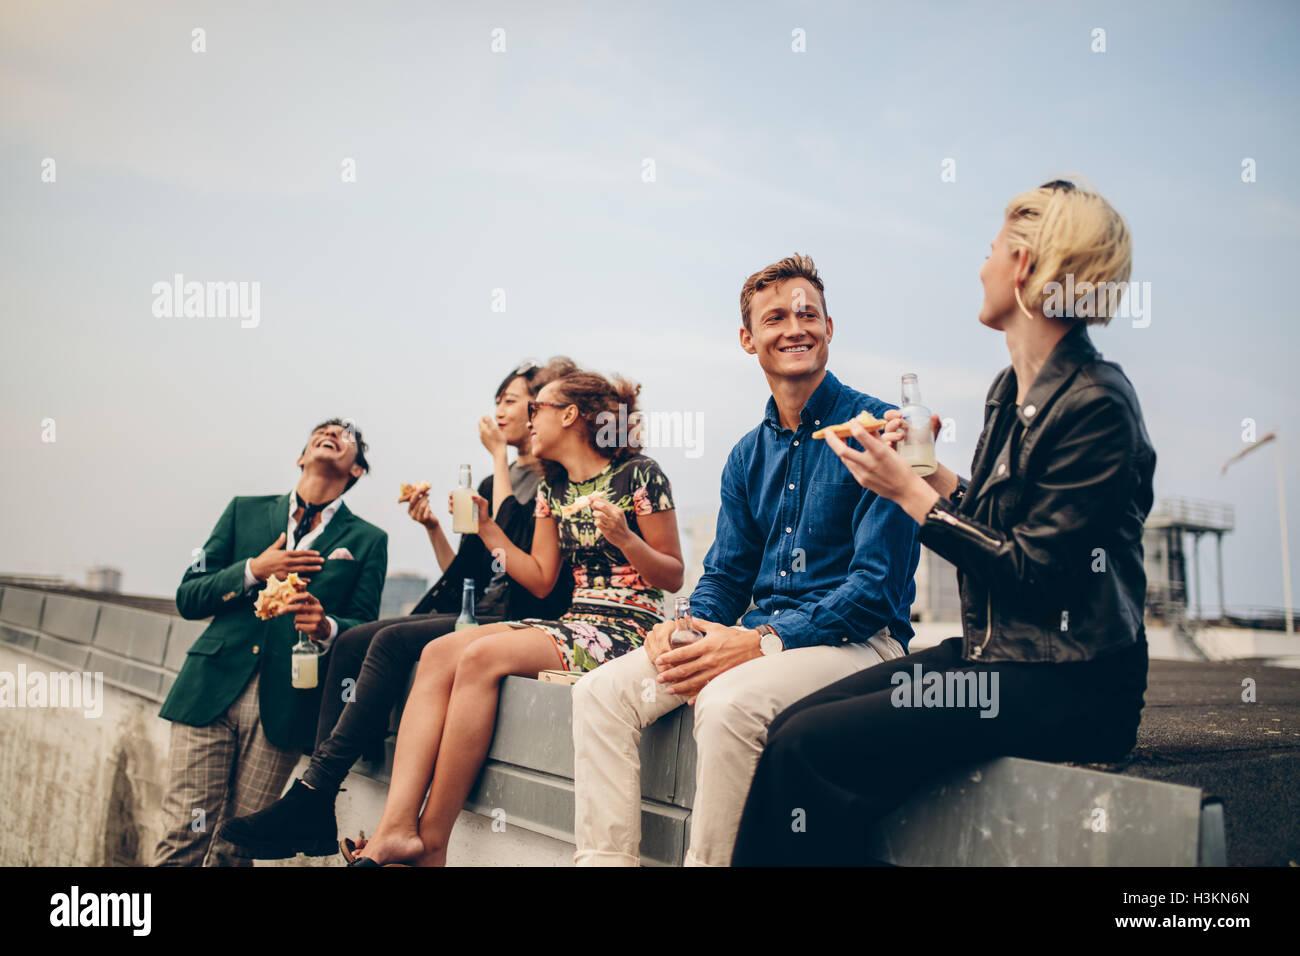 Gruppo di amici partying sulla terrazza, bere e mangiare. Giovani uomini e donne gustando un drink sulla terrazza Immagini Stock